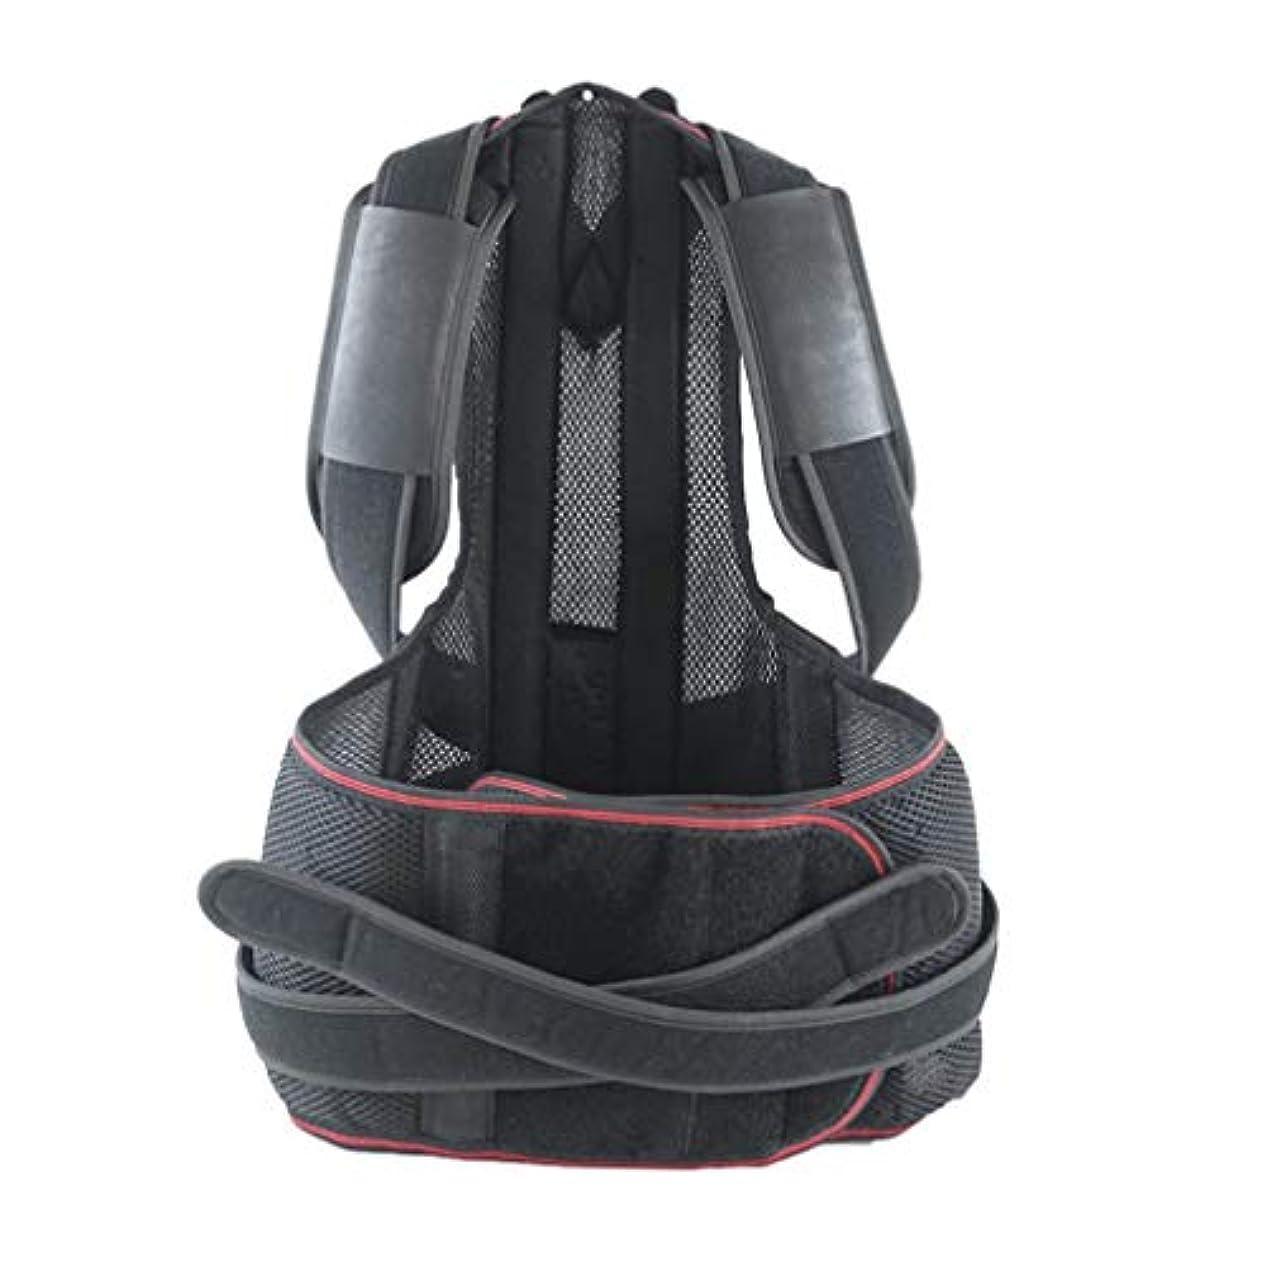 ホーム去るキャッシュ軽量の姿勢補正装置の悪い腰部の肩サポート背中の痛みブレース-Rustle666